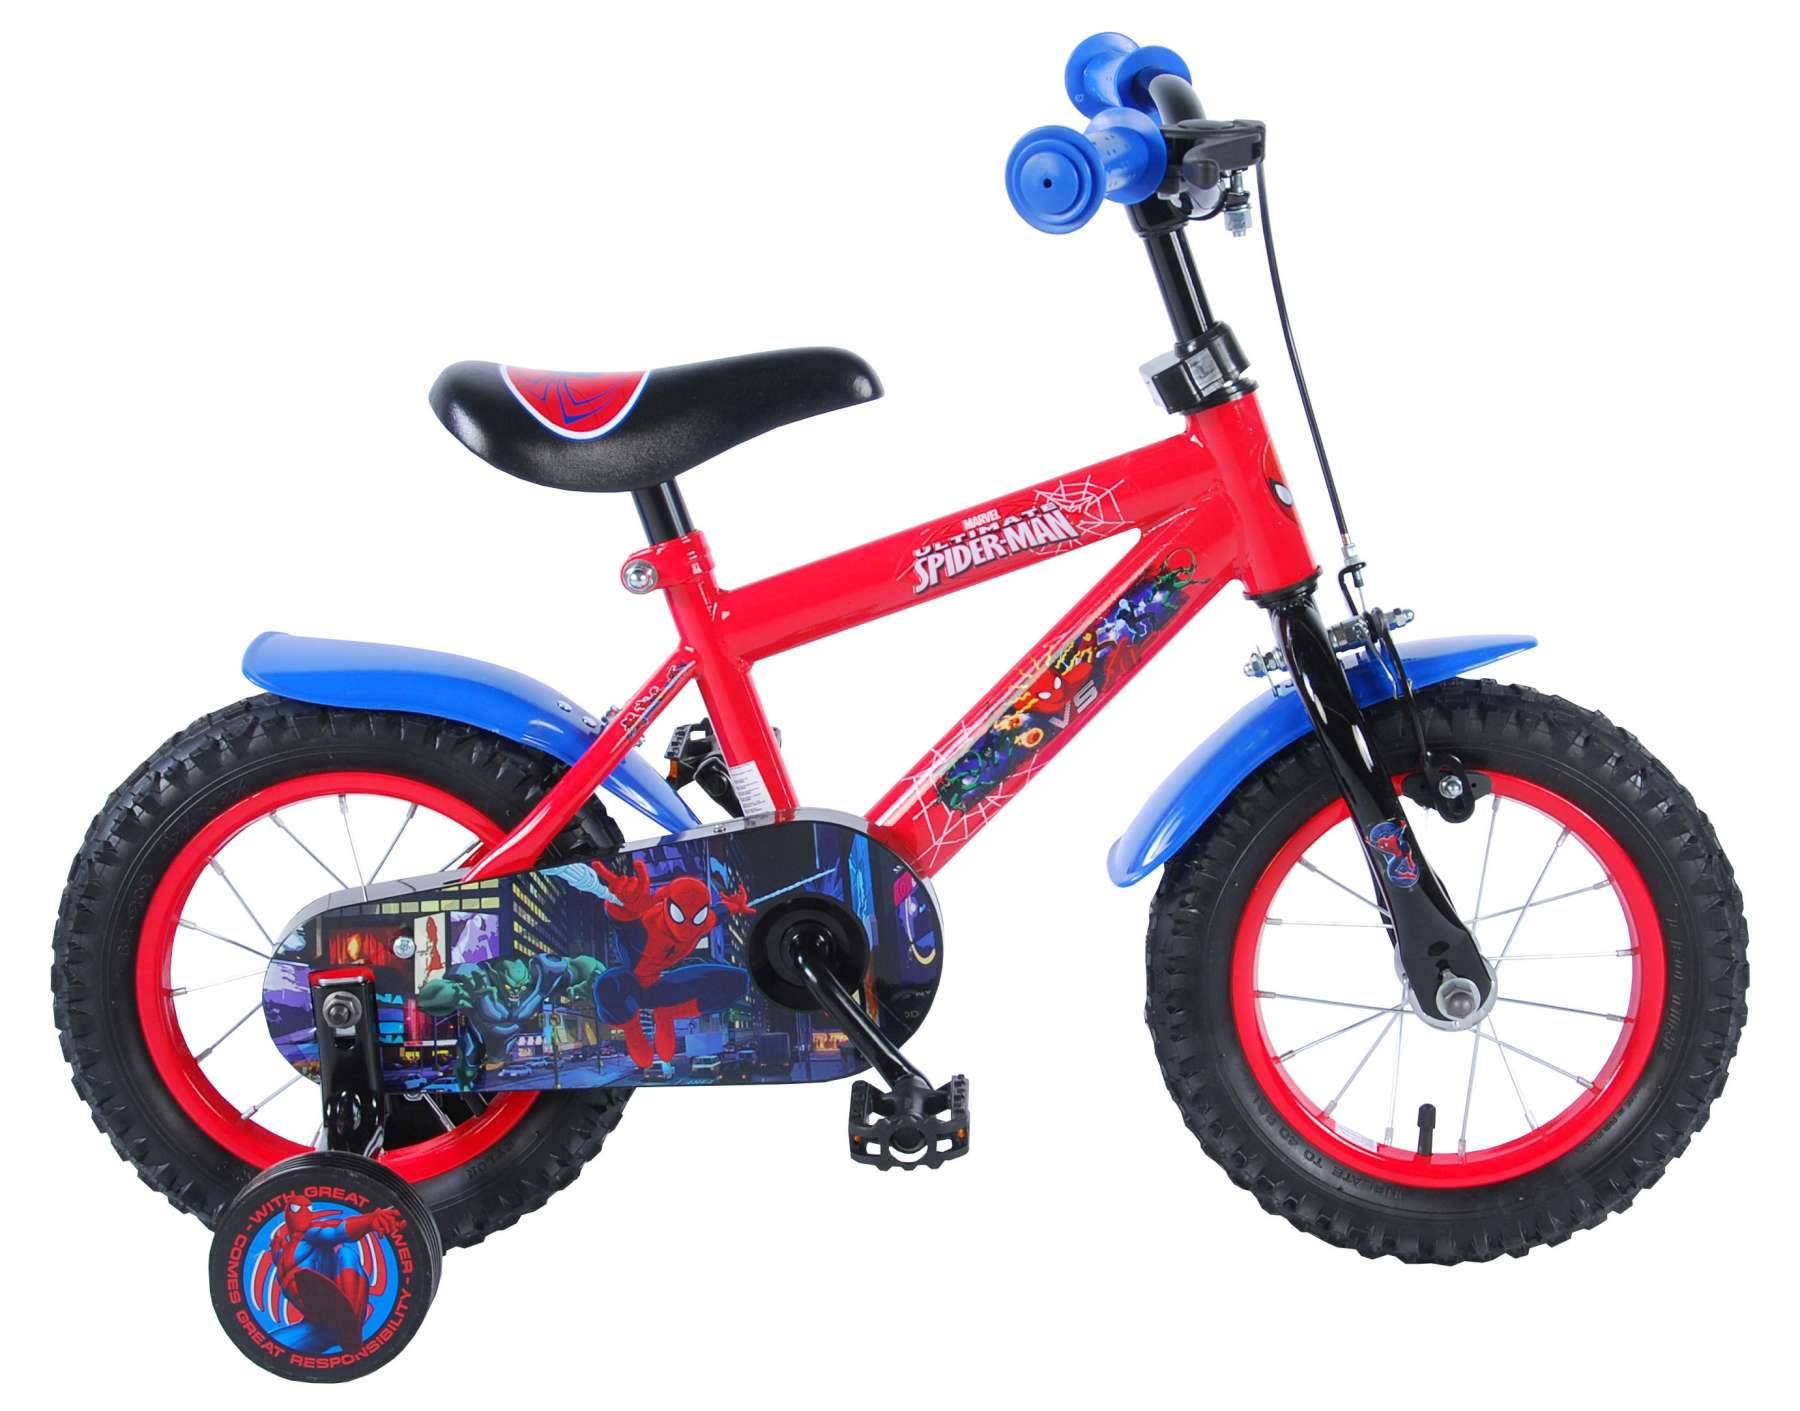 Volare Spiderman 12 inch Bike (41254-CH)